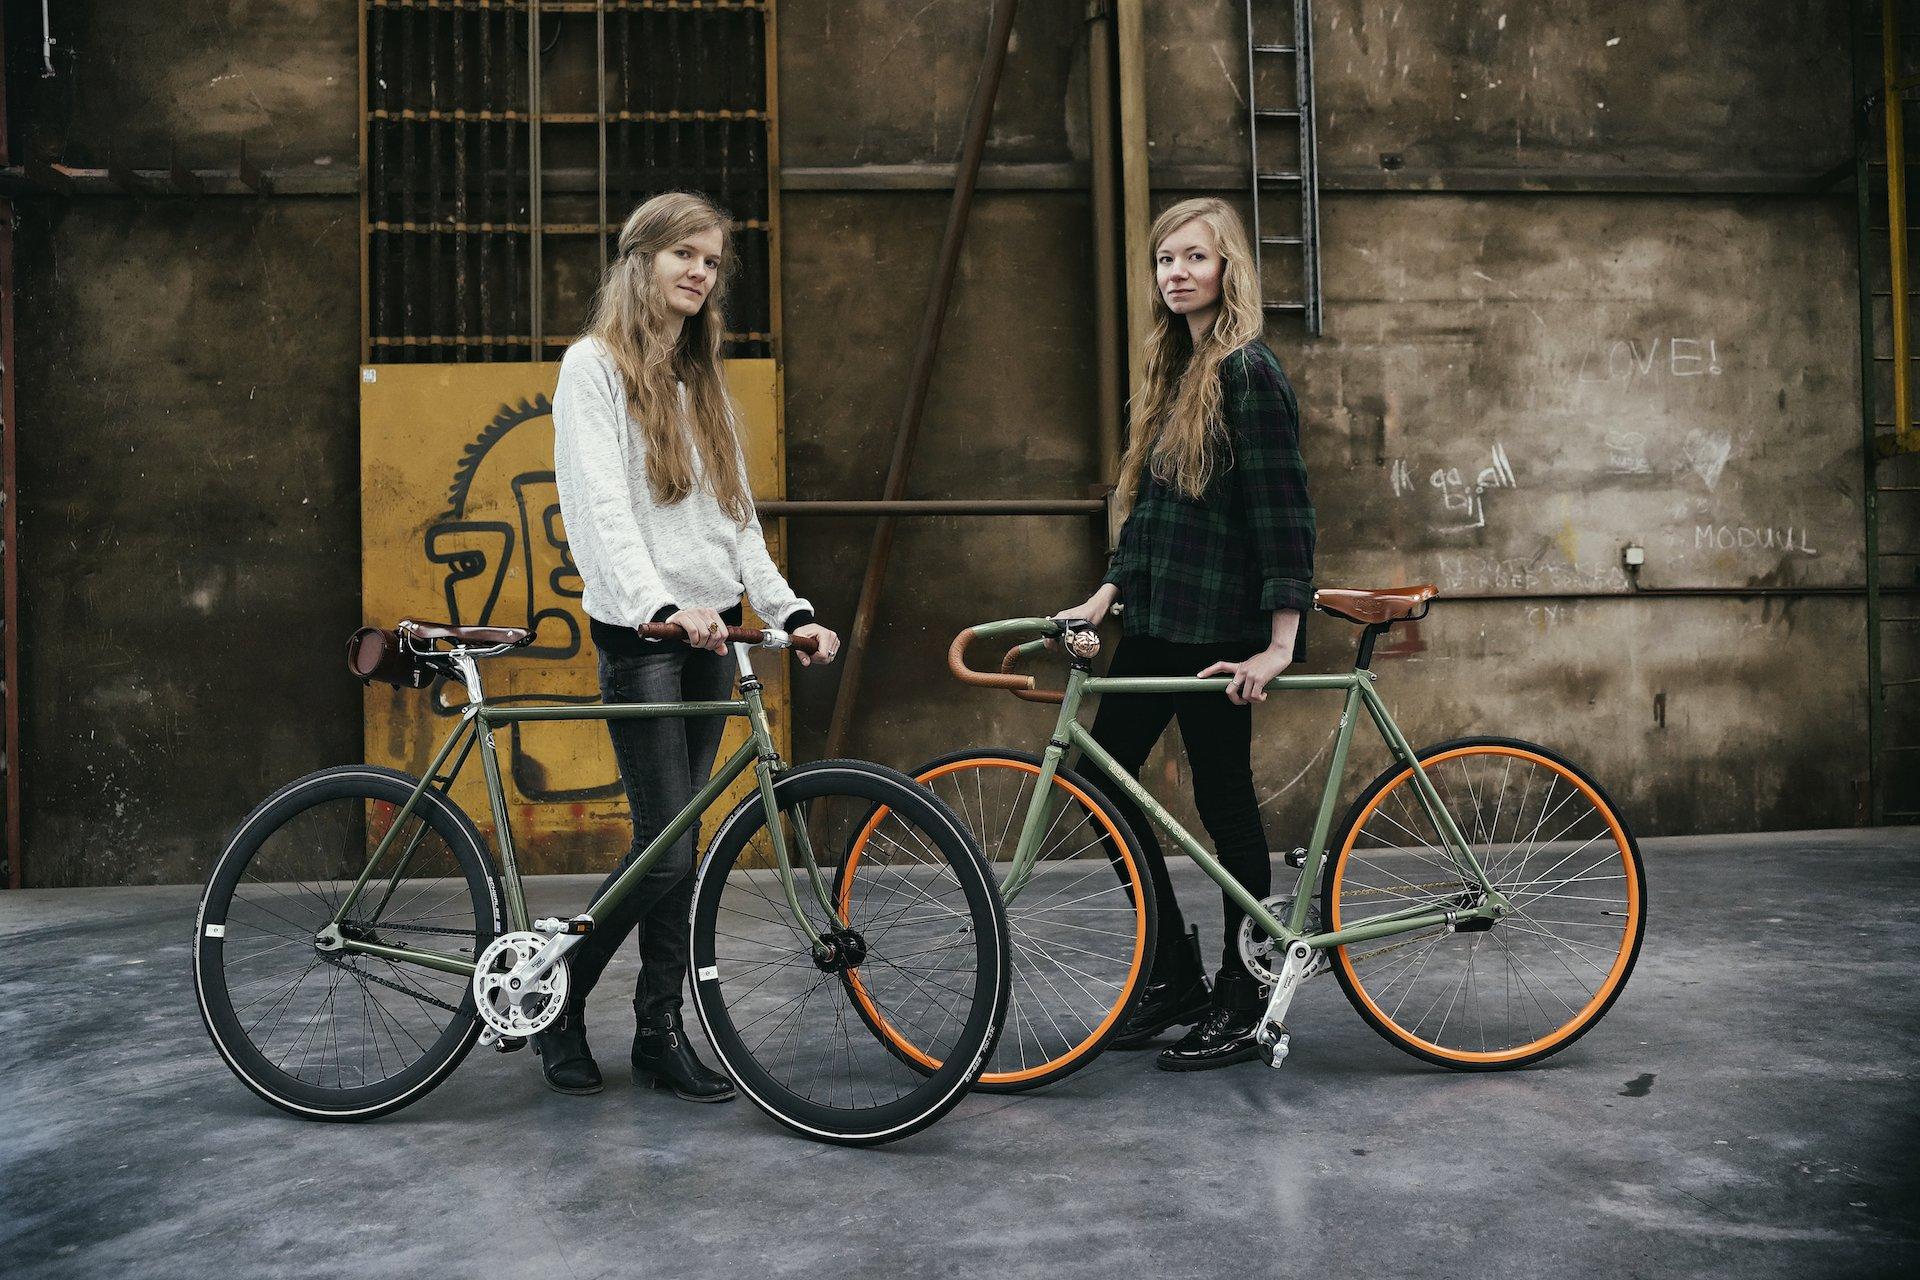 Herenfiets | Staal | Op maat gemaakt | Coole fiets | Utrecht | Nederland